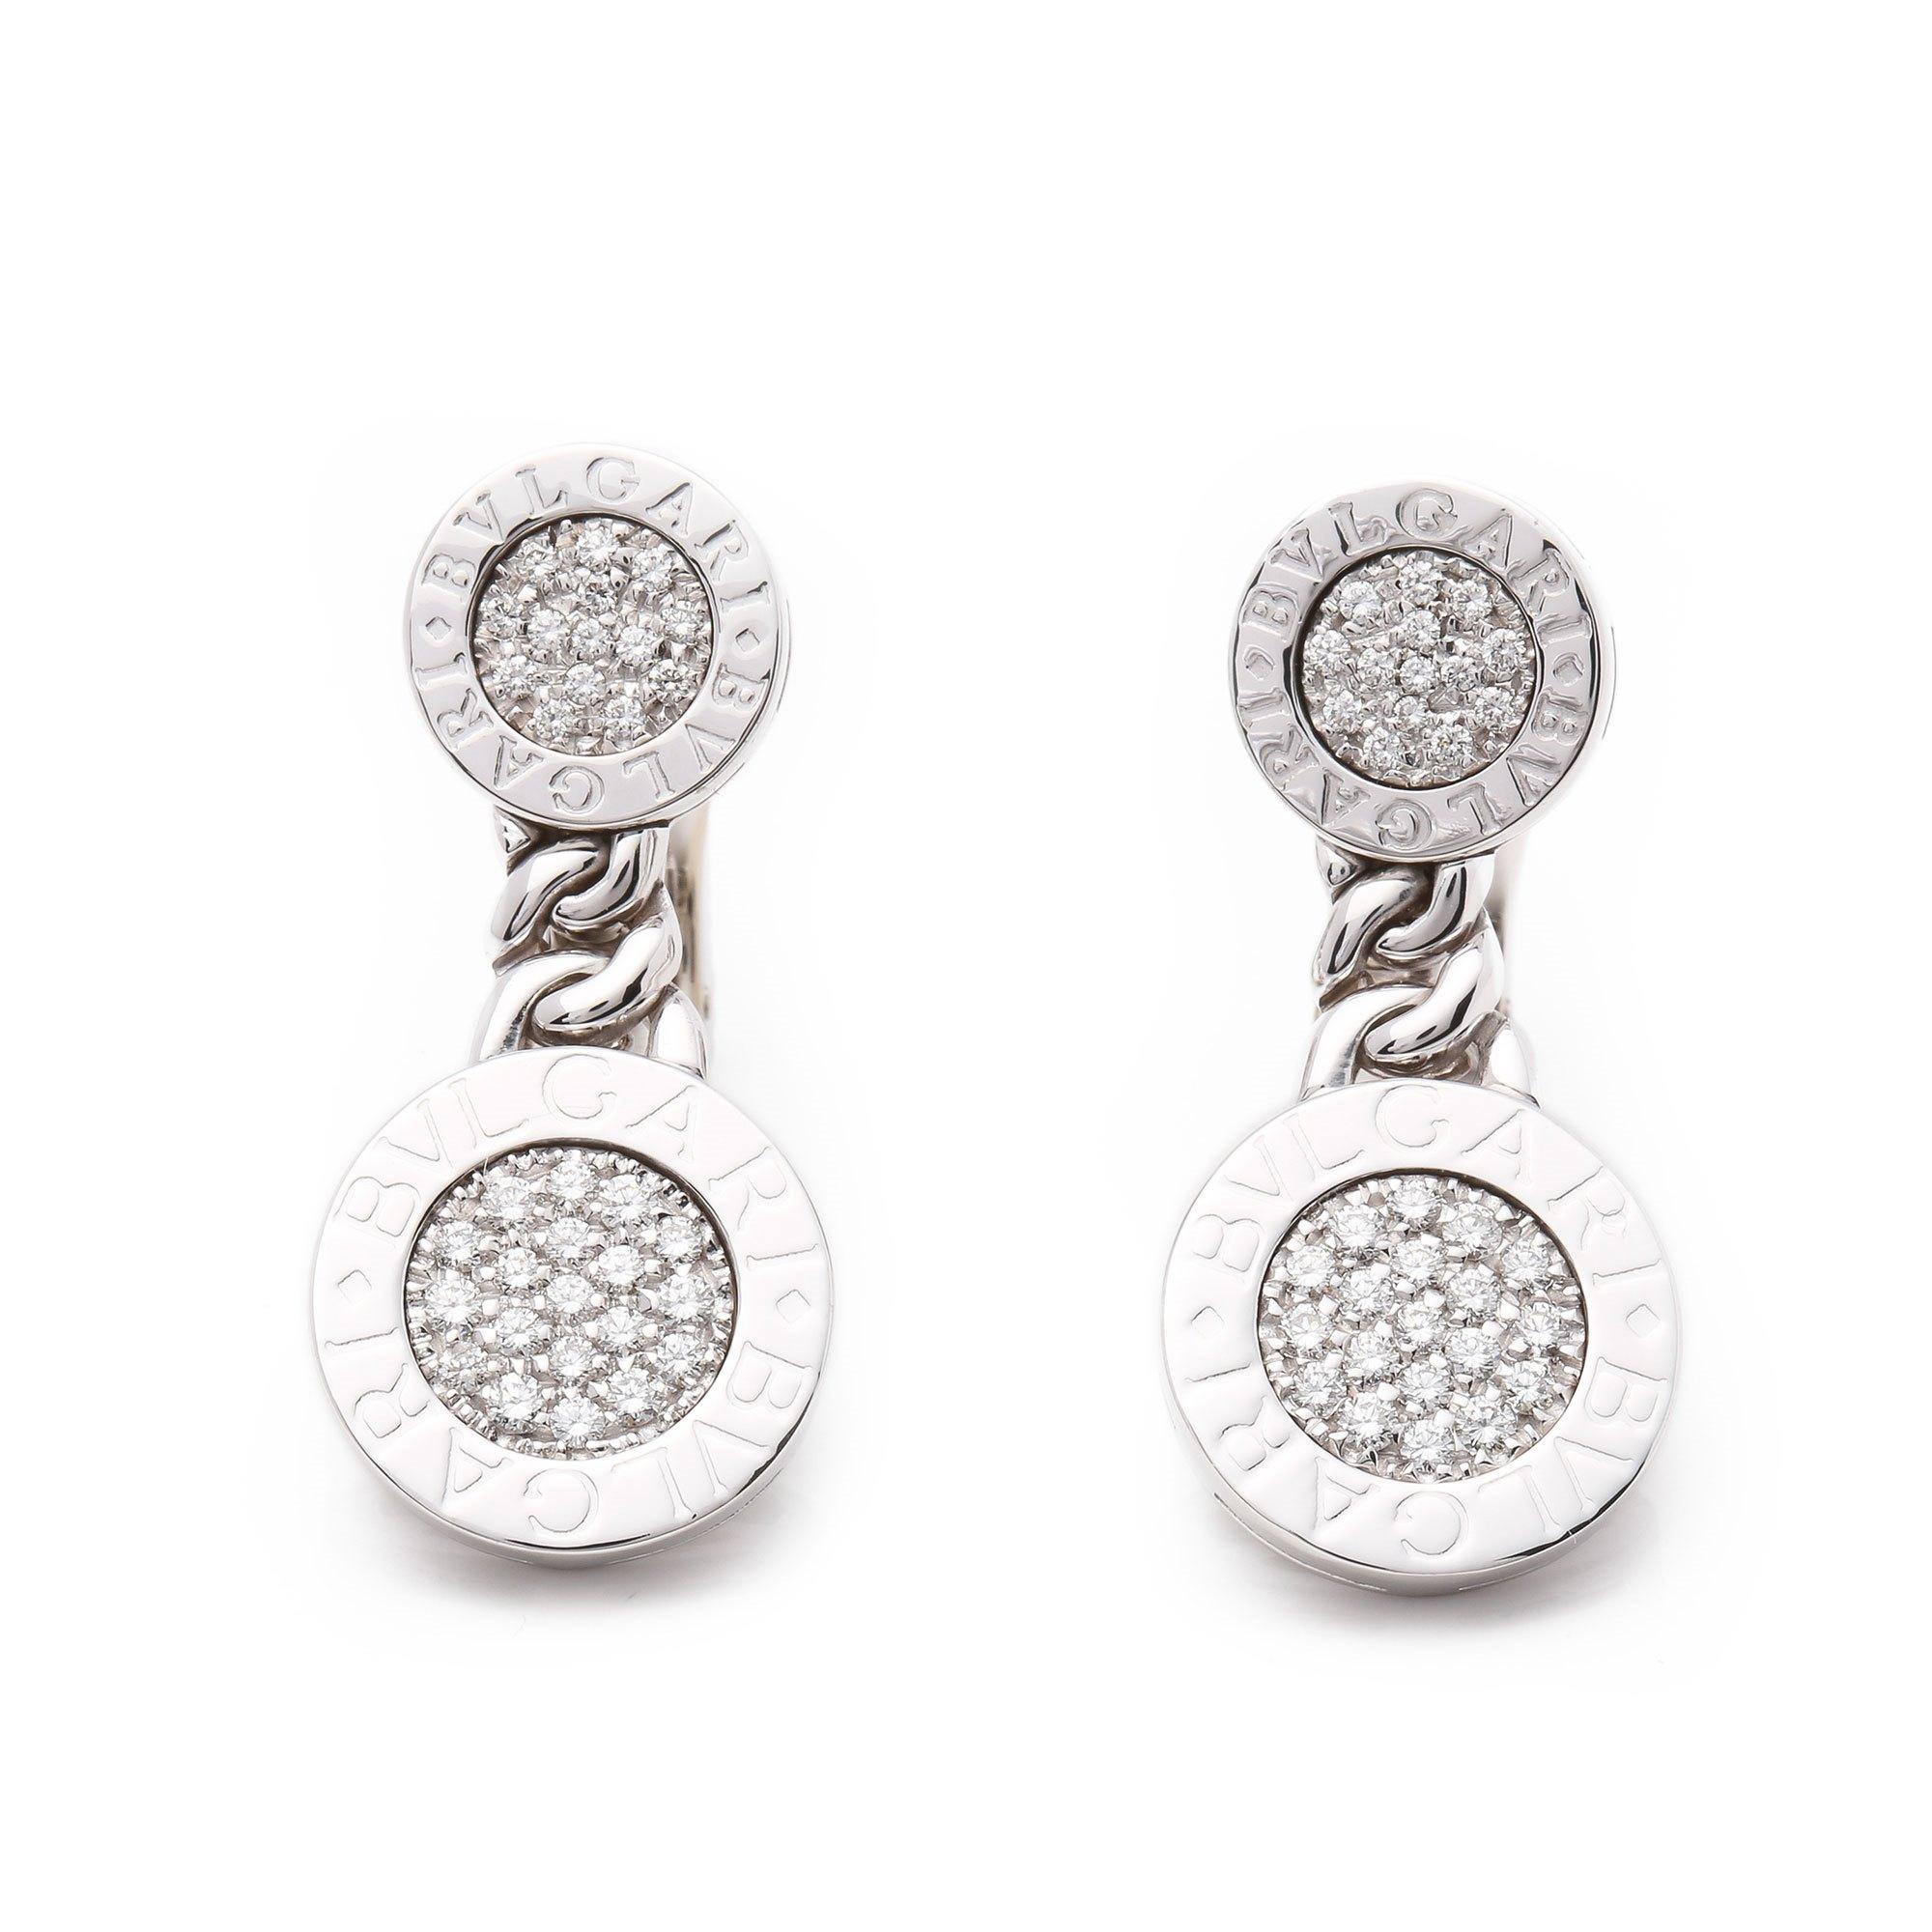 Bulgari Bulgari Bulgari Diamond Earrings